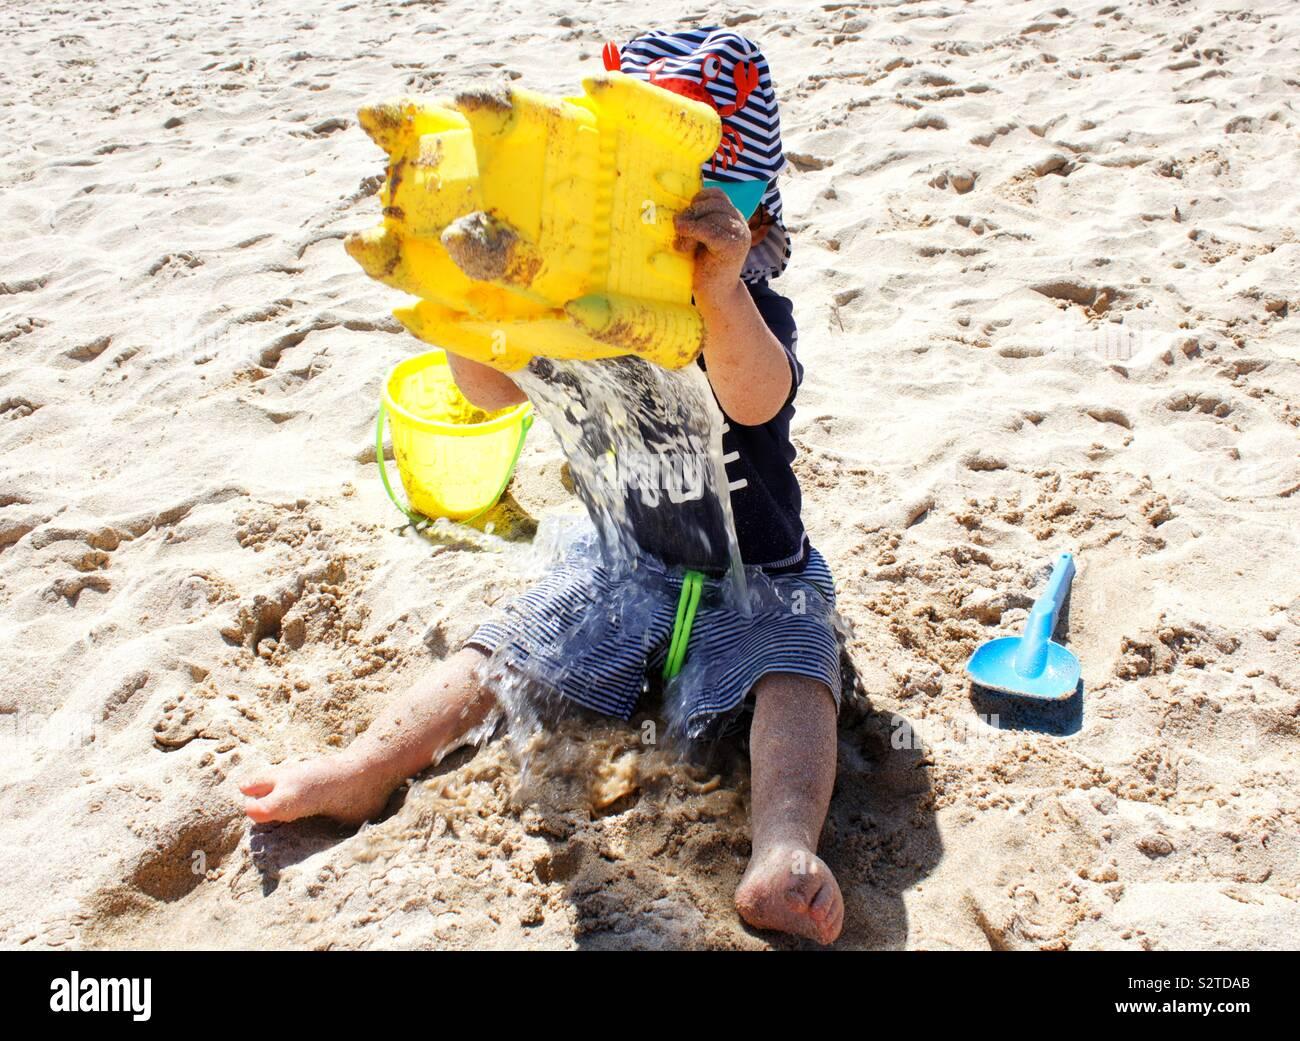 Enfant en versant un seau d'eau sur lui-même Banque D'Images